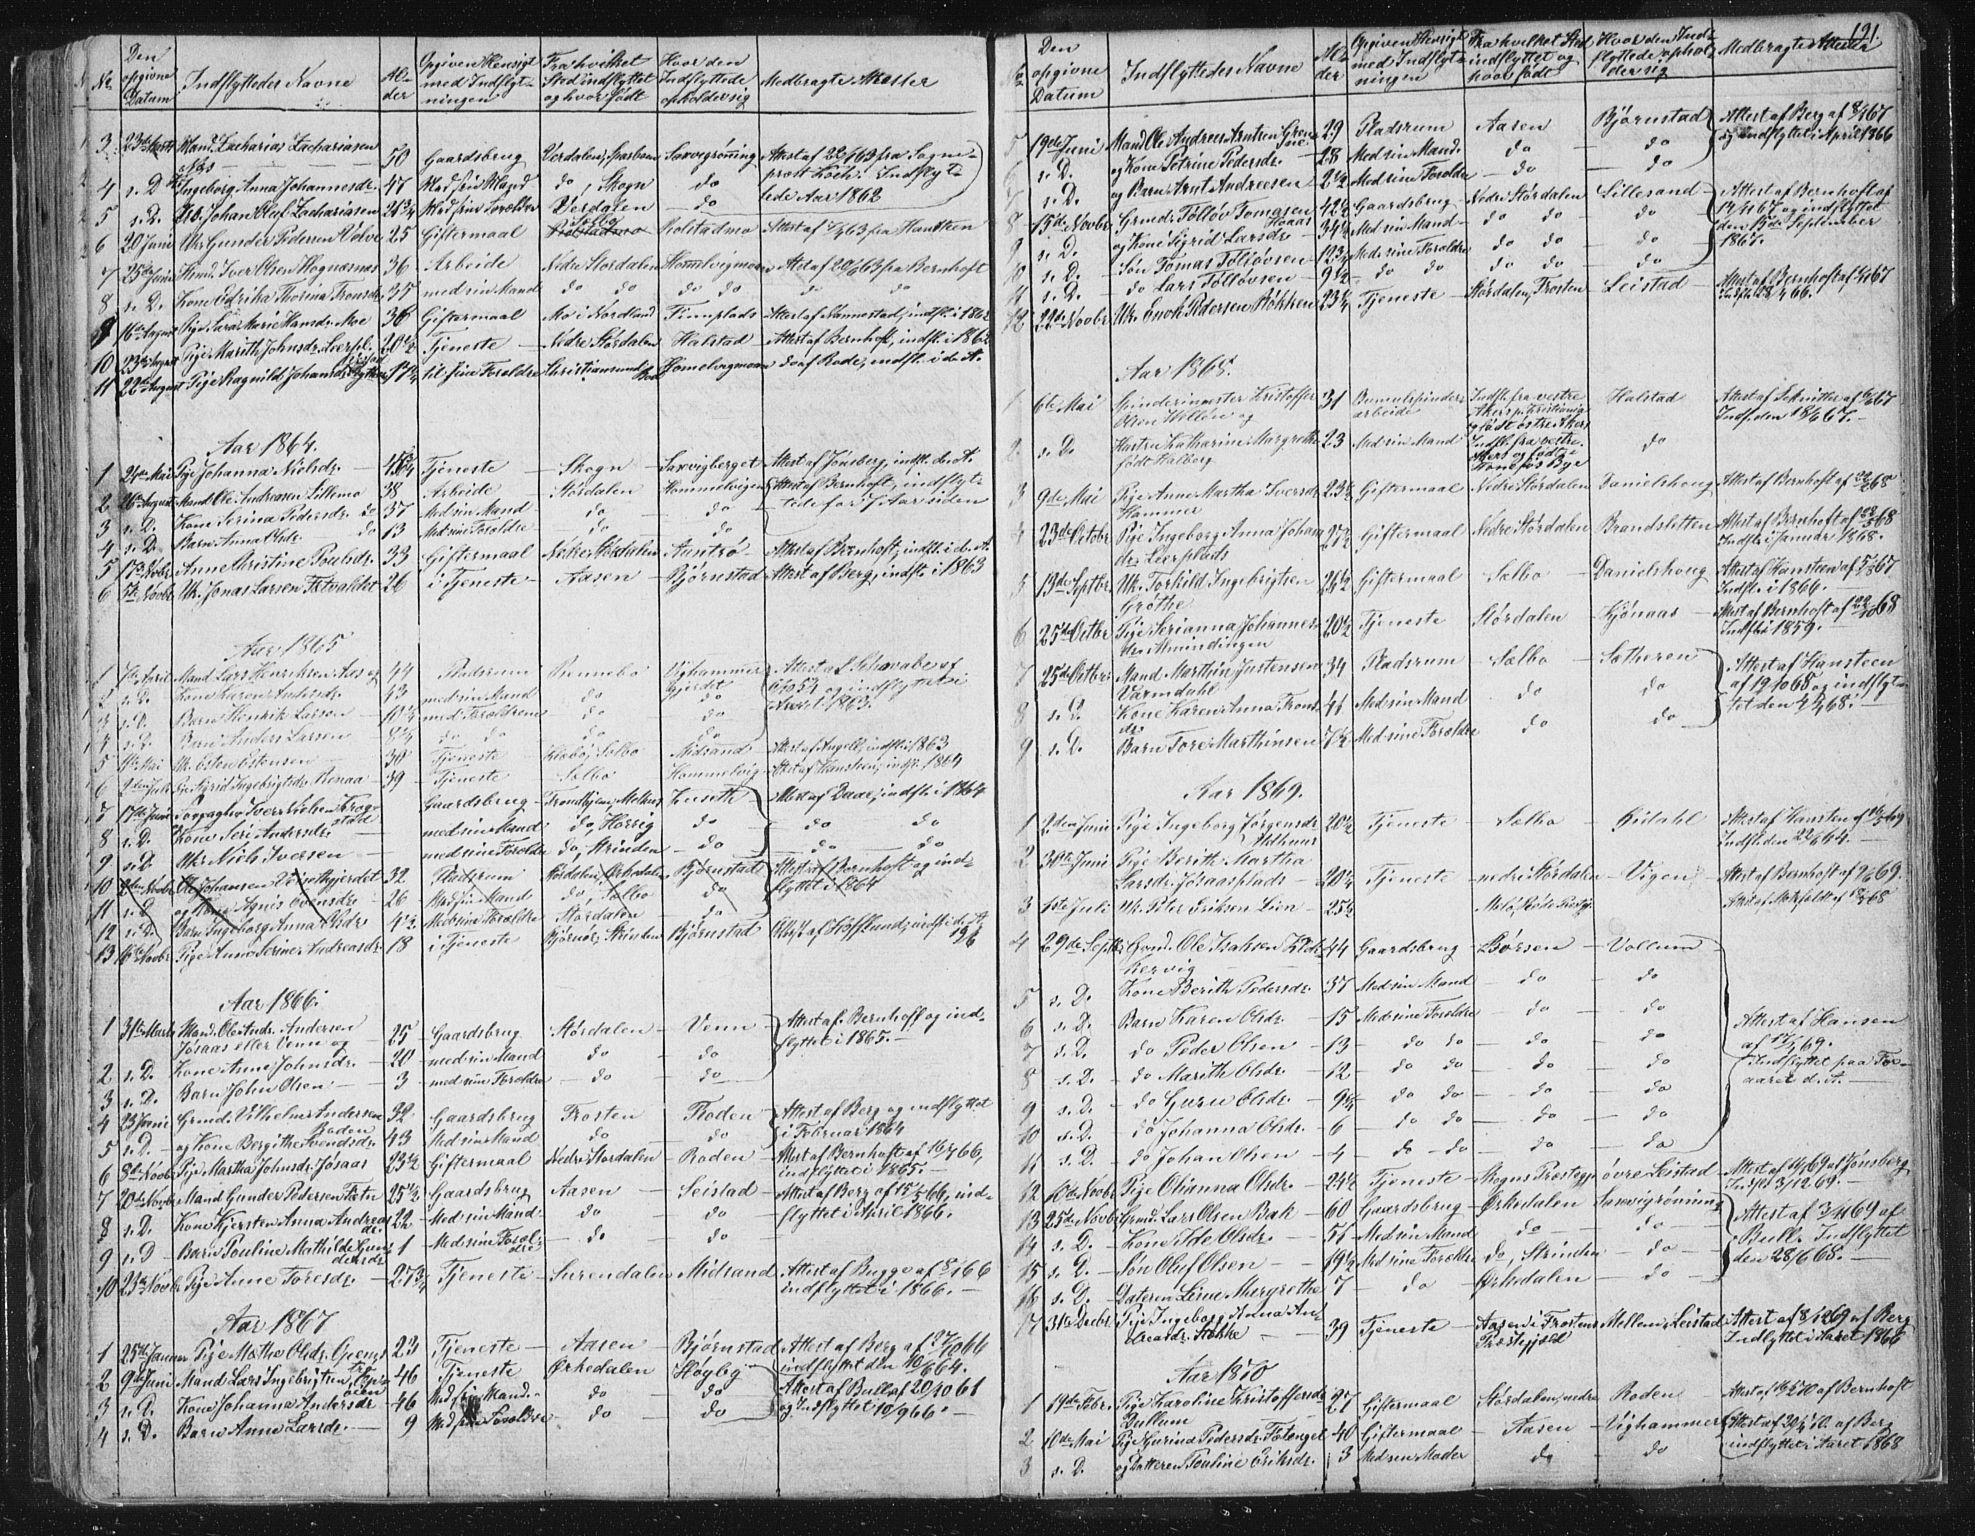 SAT, Ministerialprotokoller, klokkerbøker og fødselsregistre - Sør-Trøndelag, 616/L0406: Ministerialbok nr. 616A03, 1843-1879, s. 191